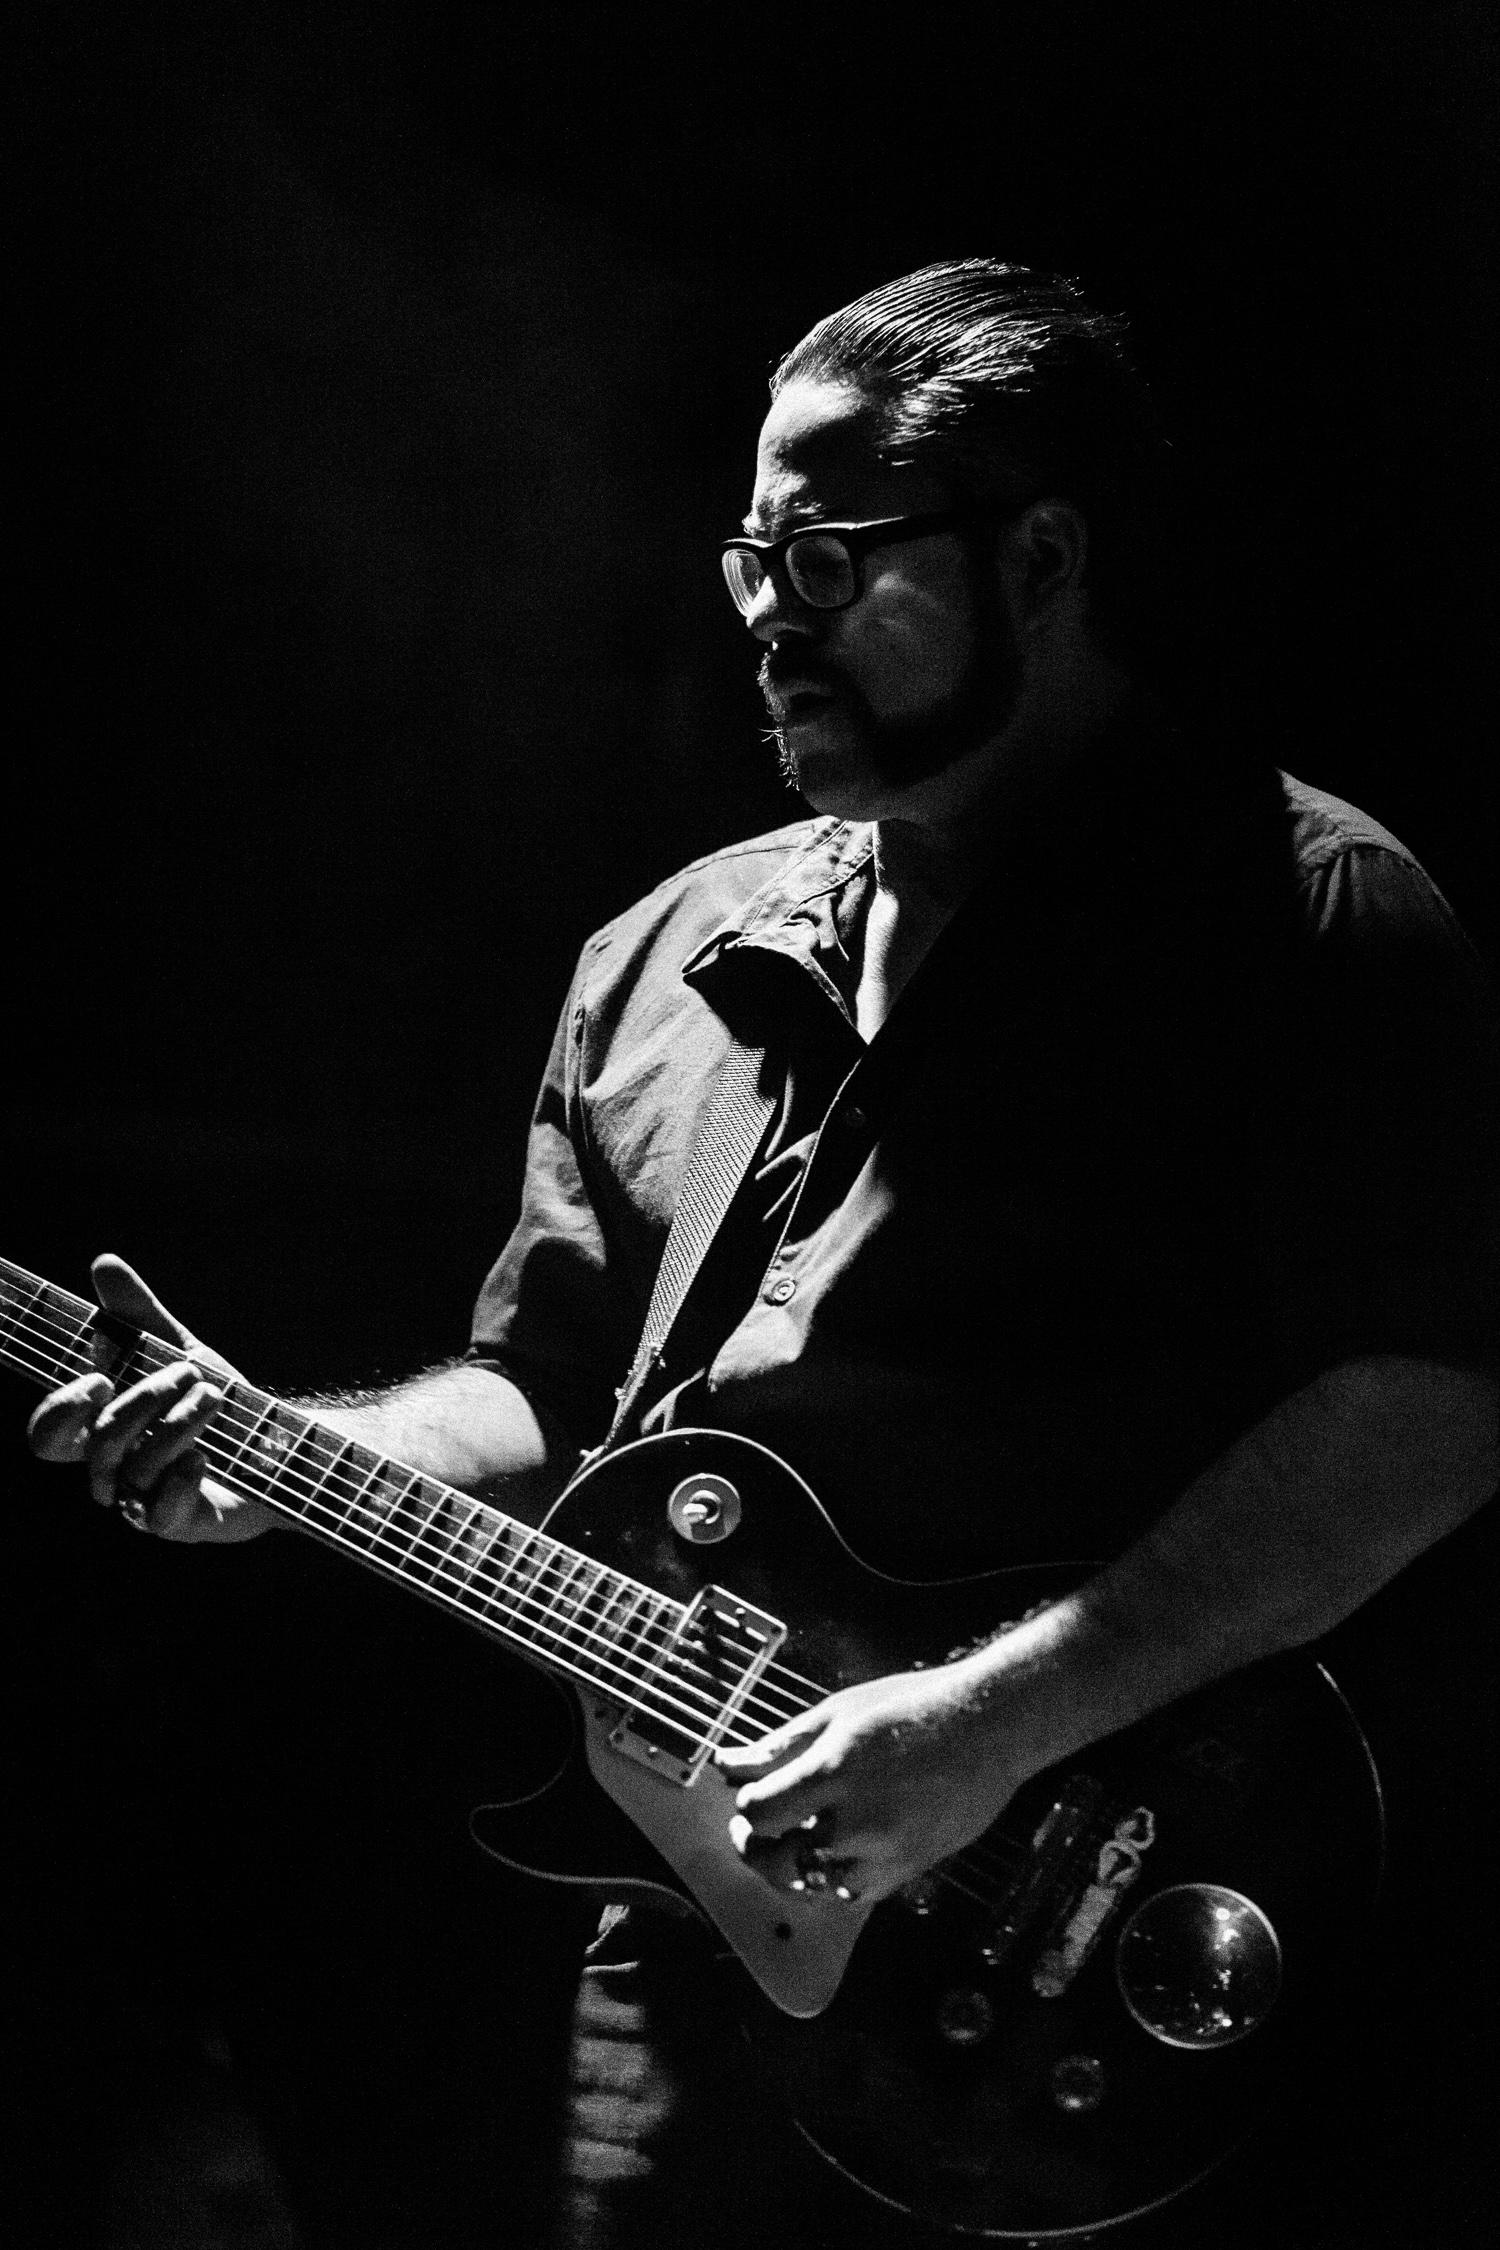 Paul Banks